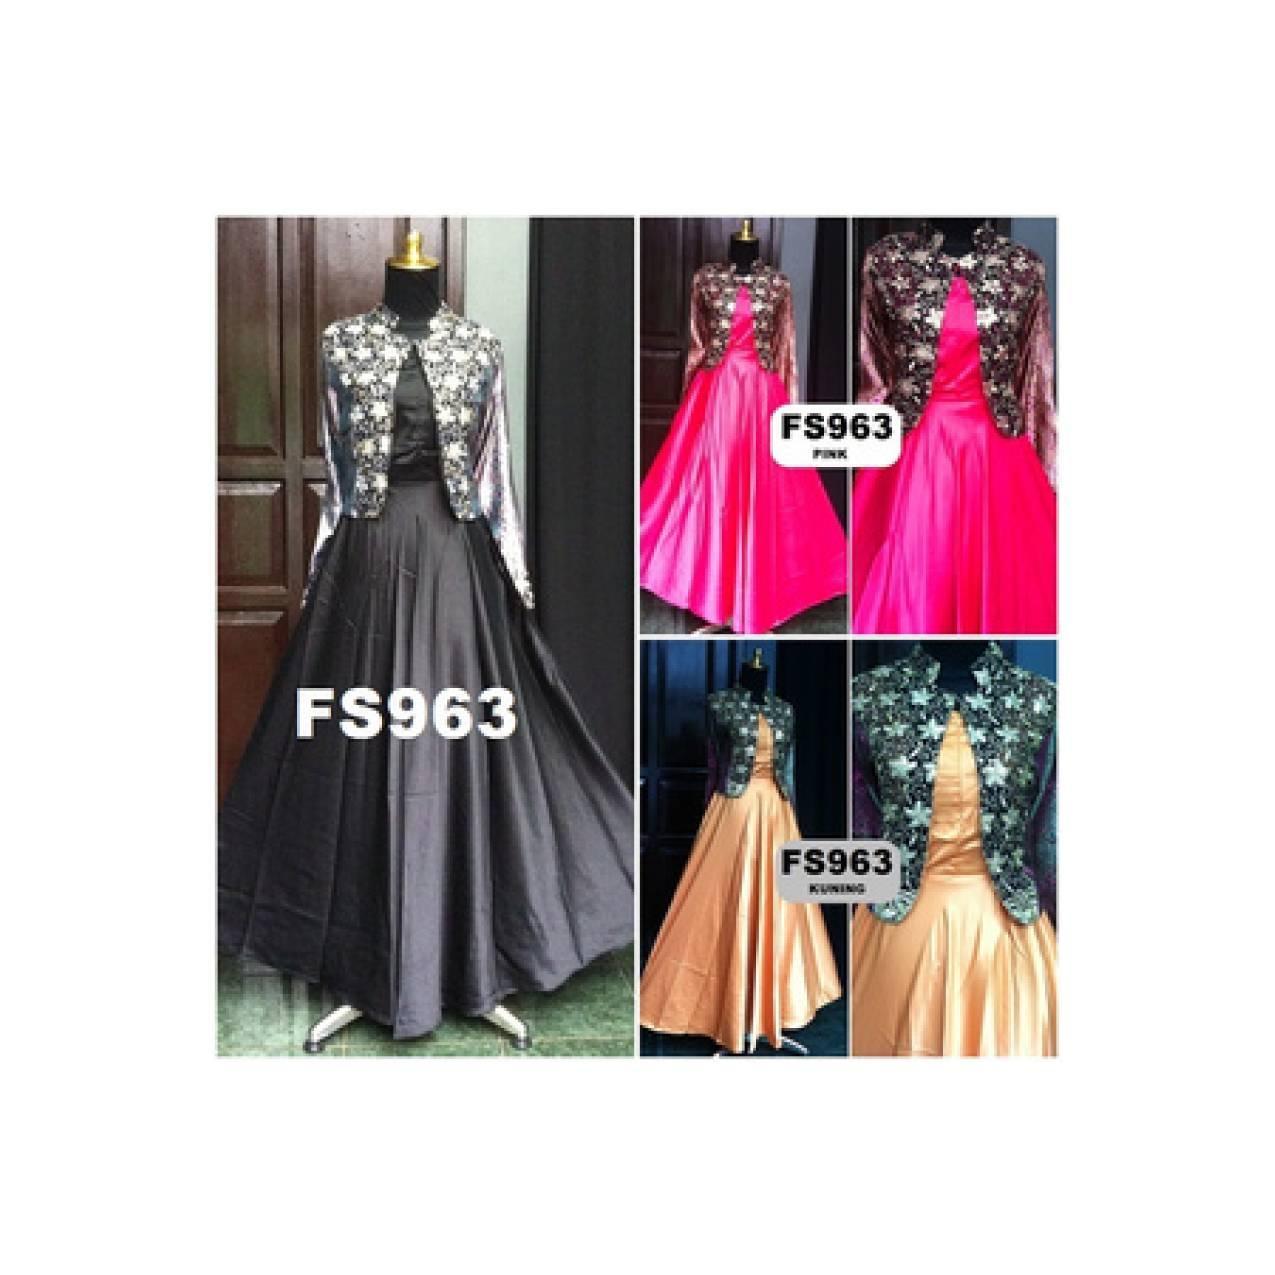 Baju Gamis Pesta Maxi Dress Sari India ,Soket dan Velvet VLKSH963A